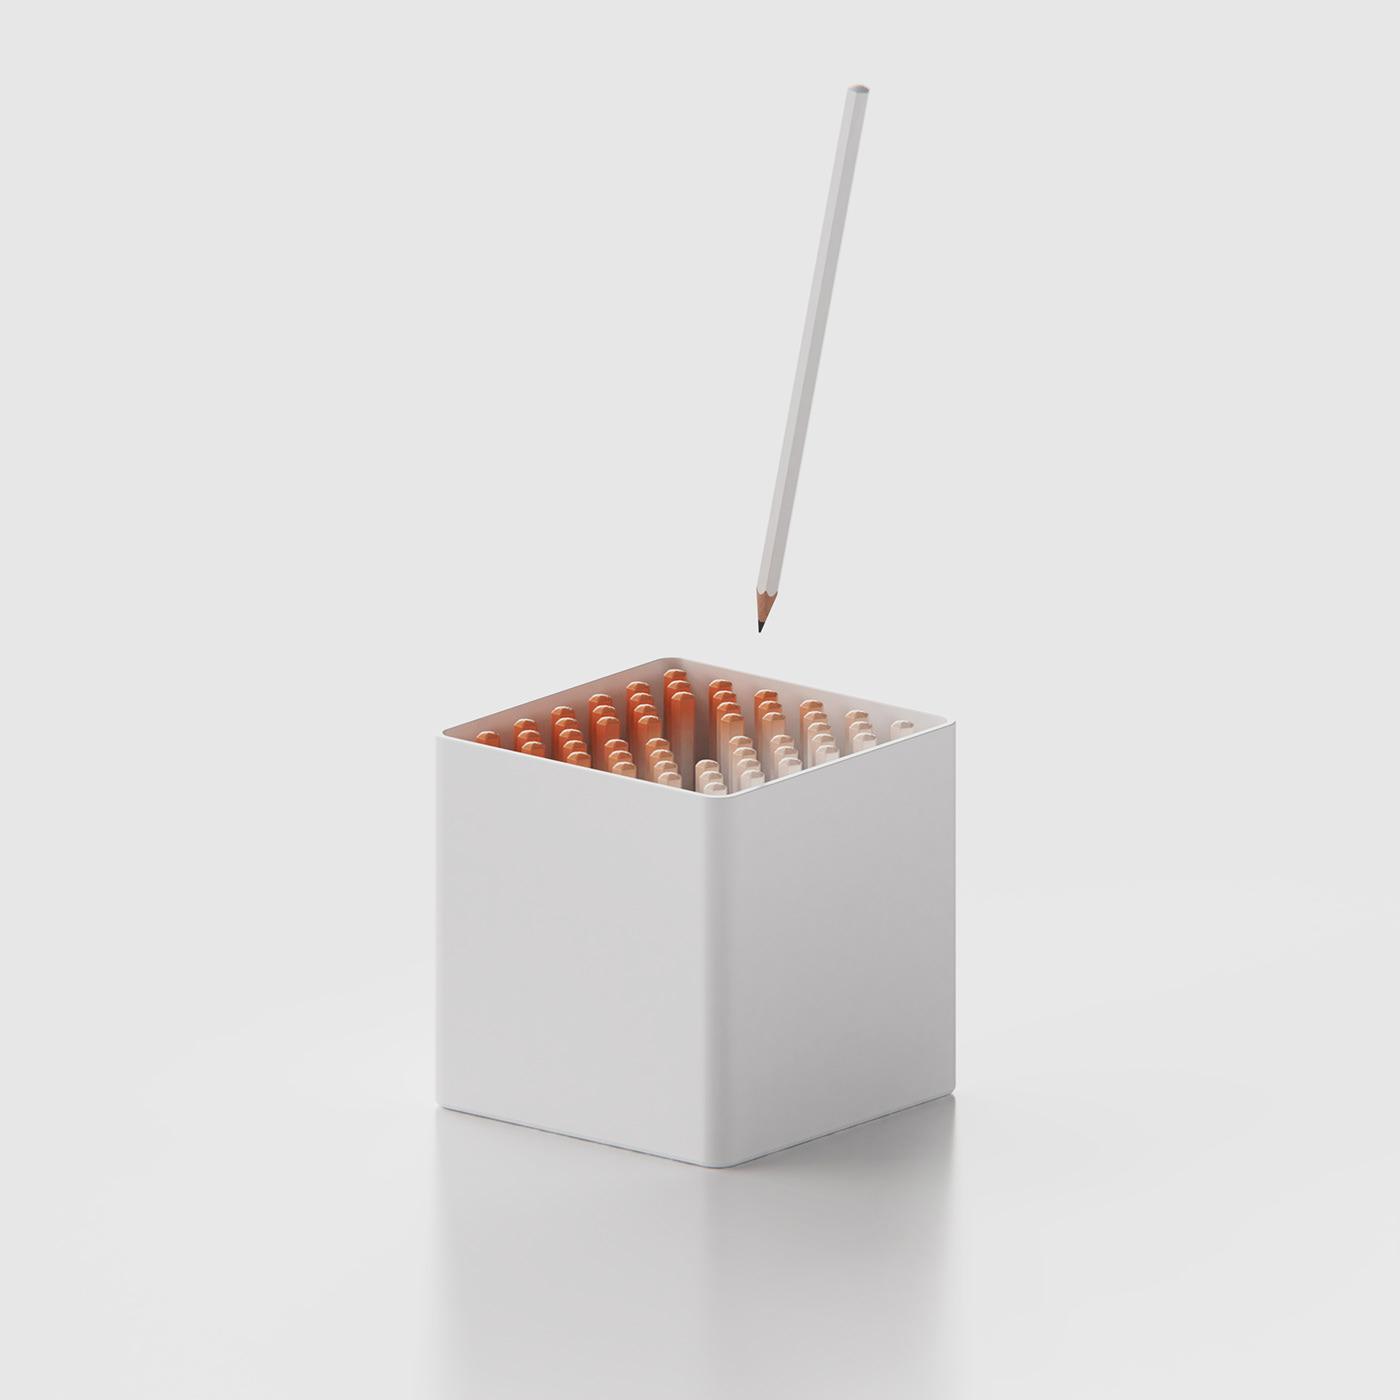 desk product holder industrial design  Marker pen Pen Holder pencil Pencil holder product design  Stationery